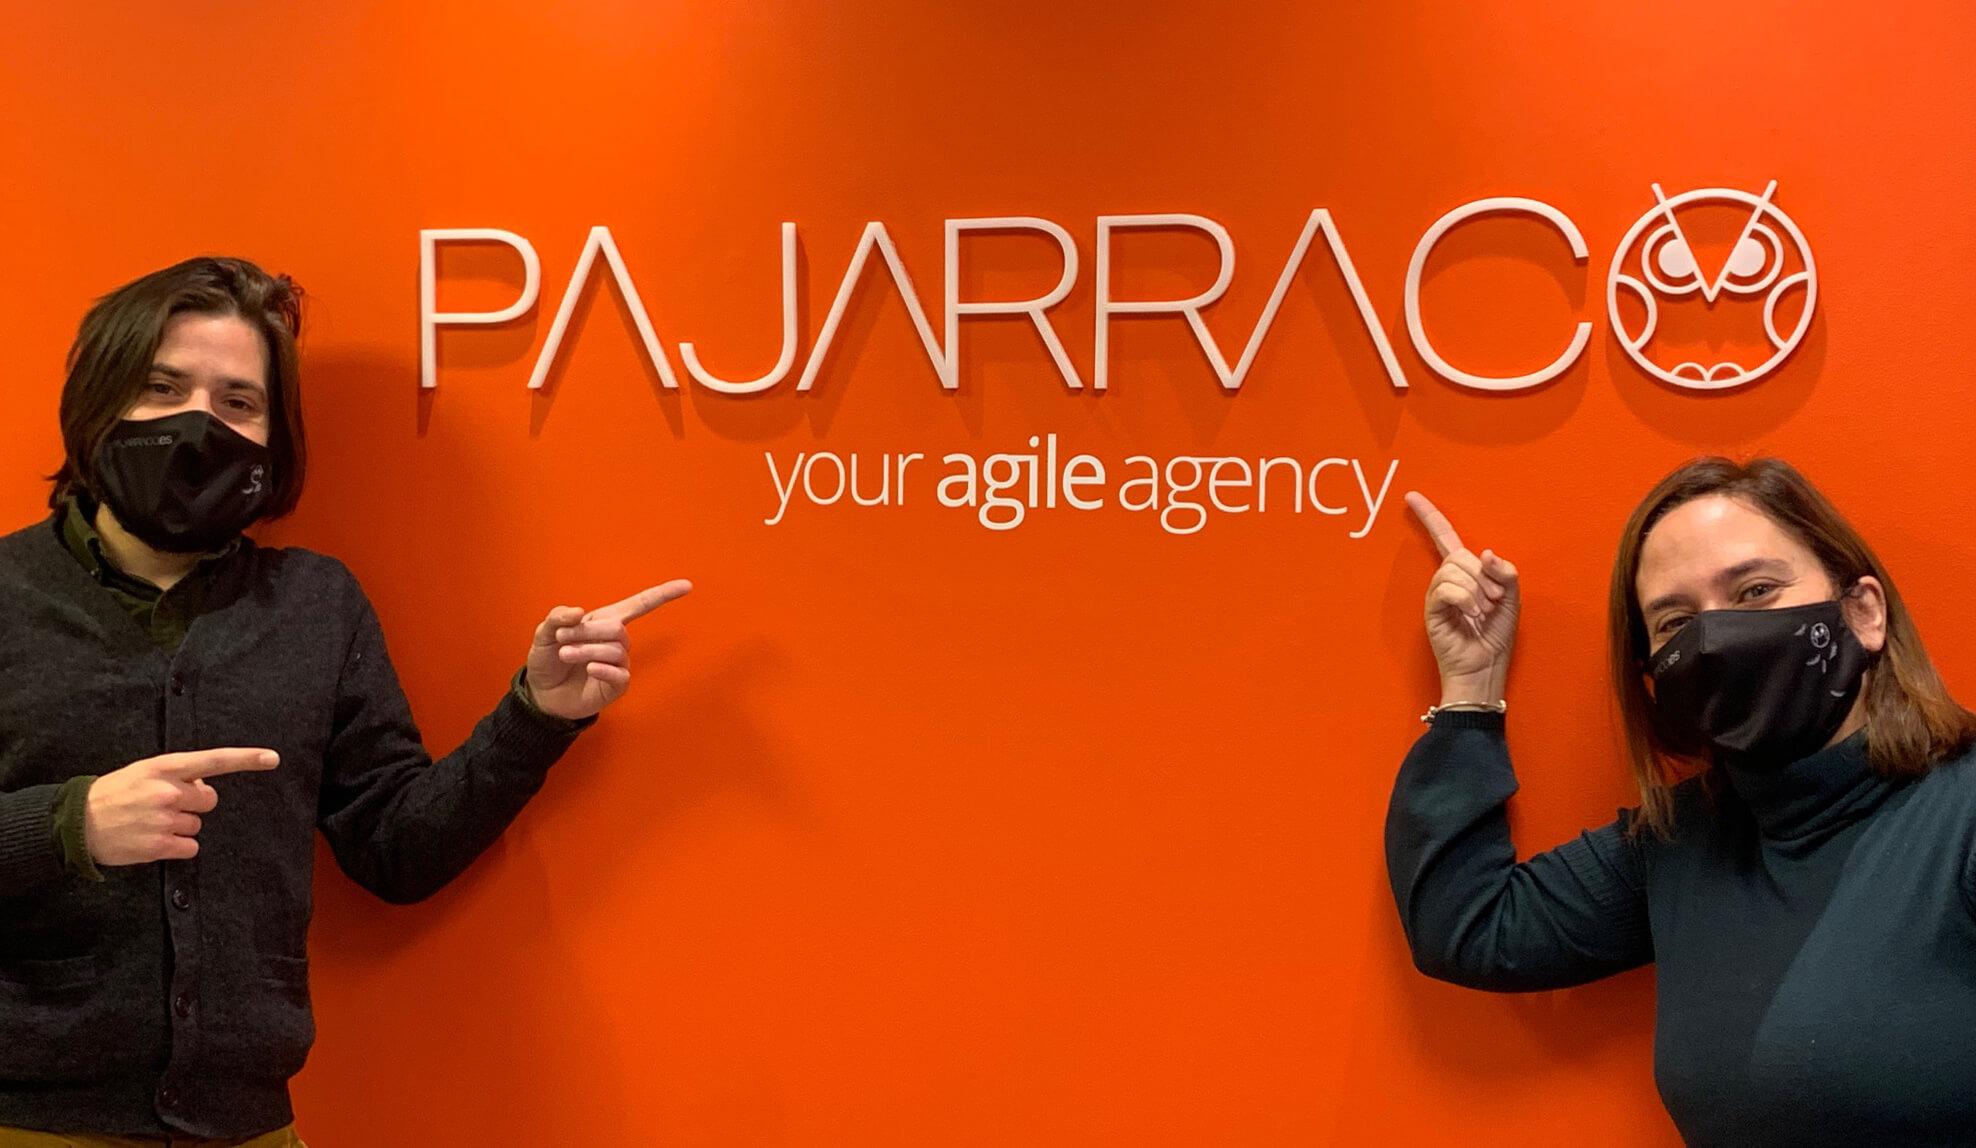 Profesionales de la agencia de marketing PAJARRACO